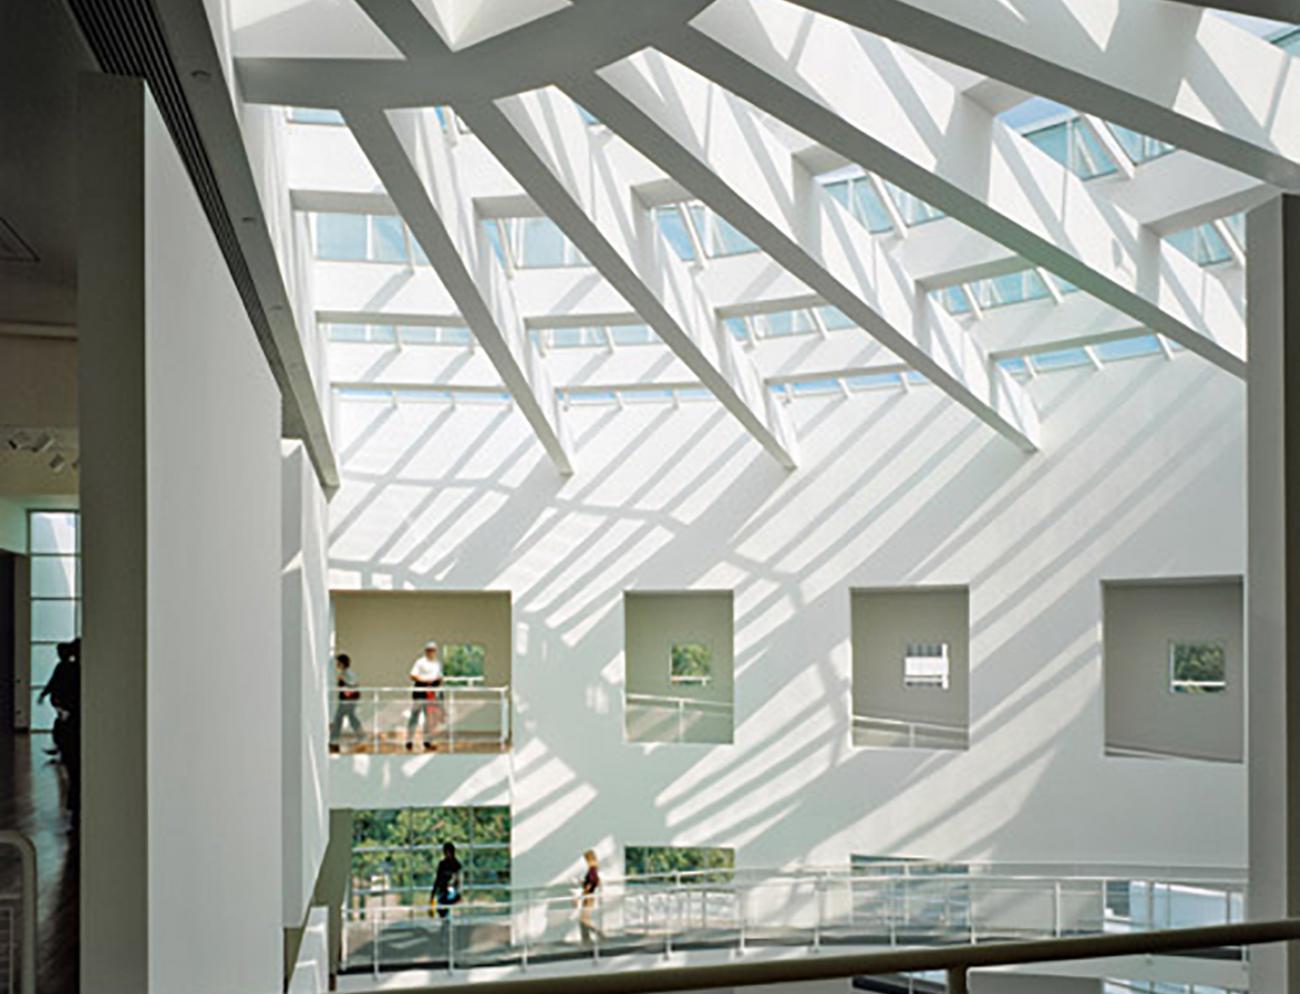 bff7afe938 Richard Meier